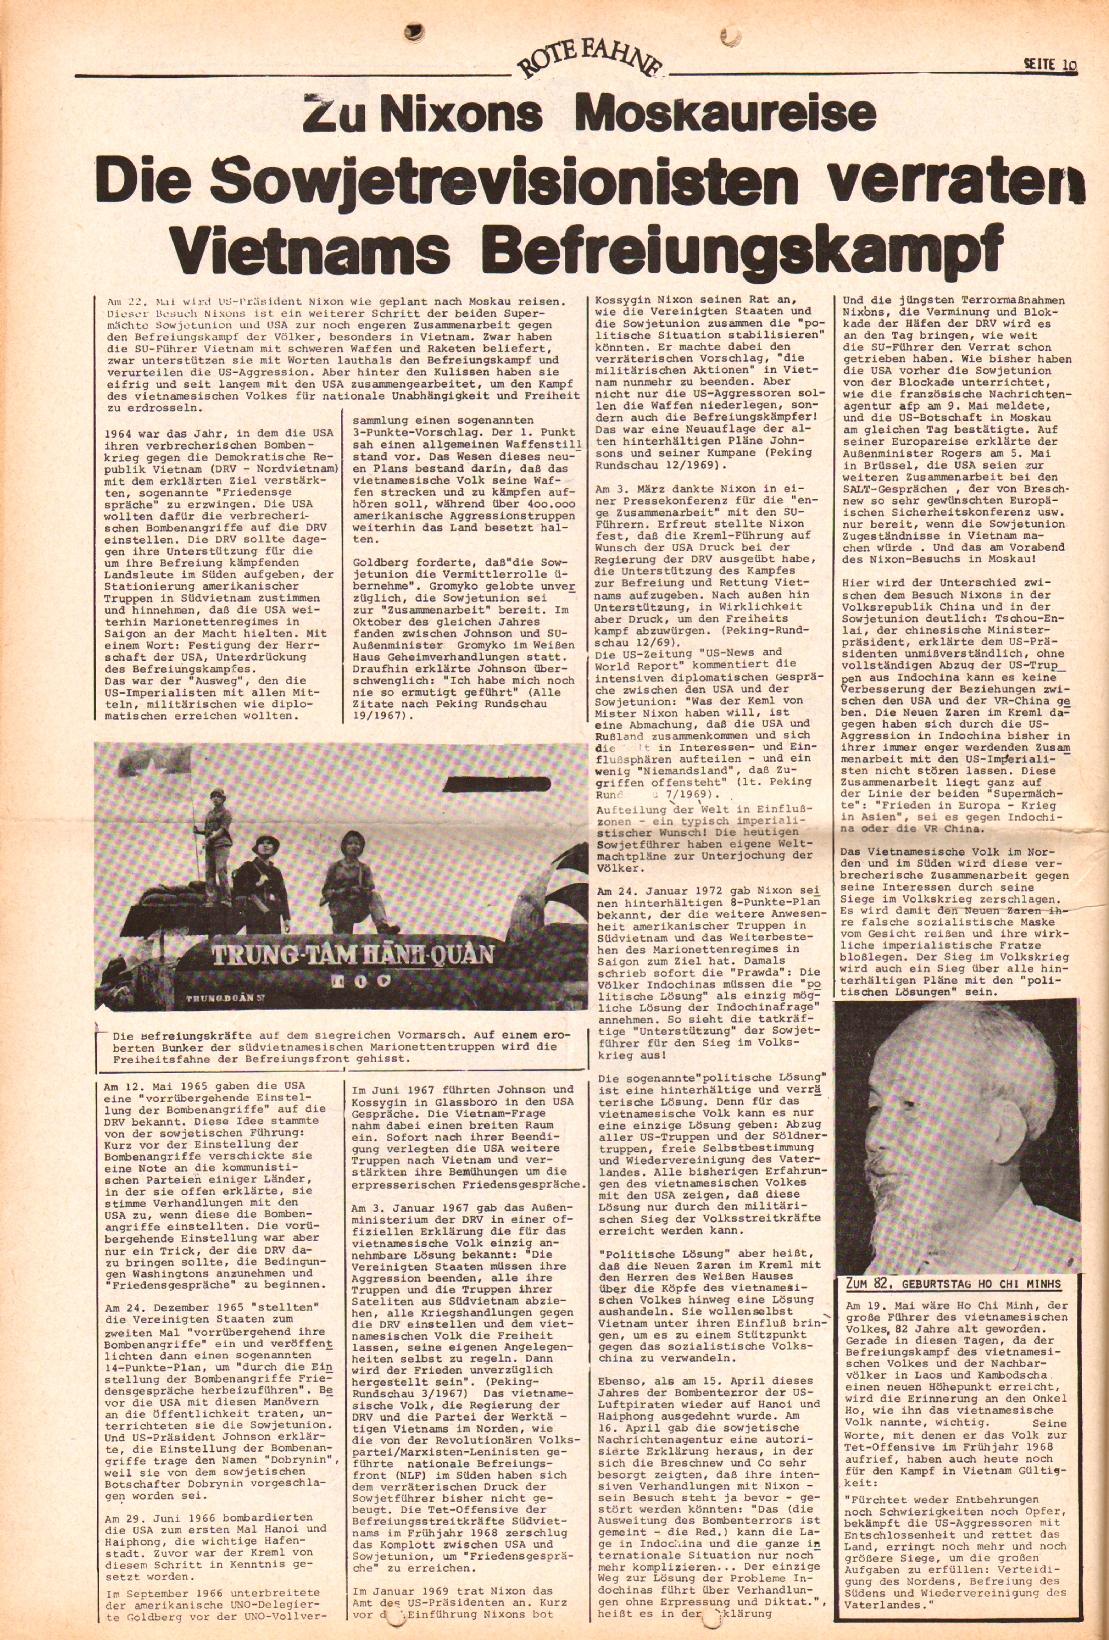 Rote Fahne, 3. Jg., 15.5.1972, Nr. 10, Seite 10